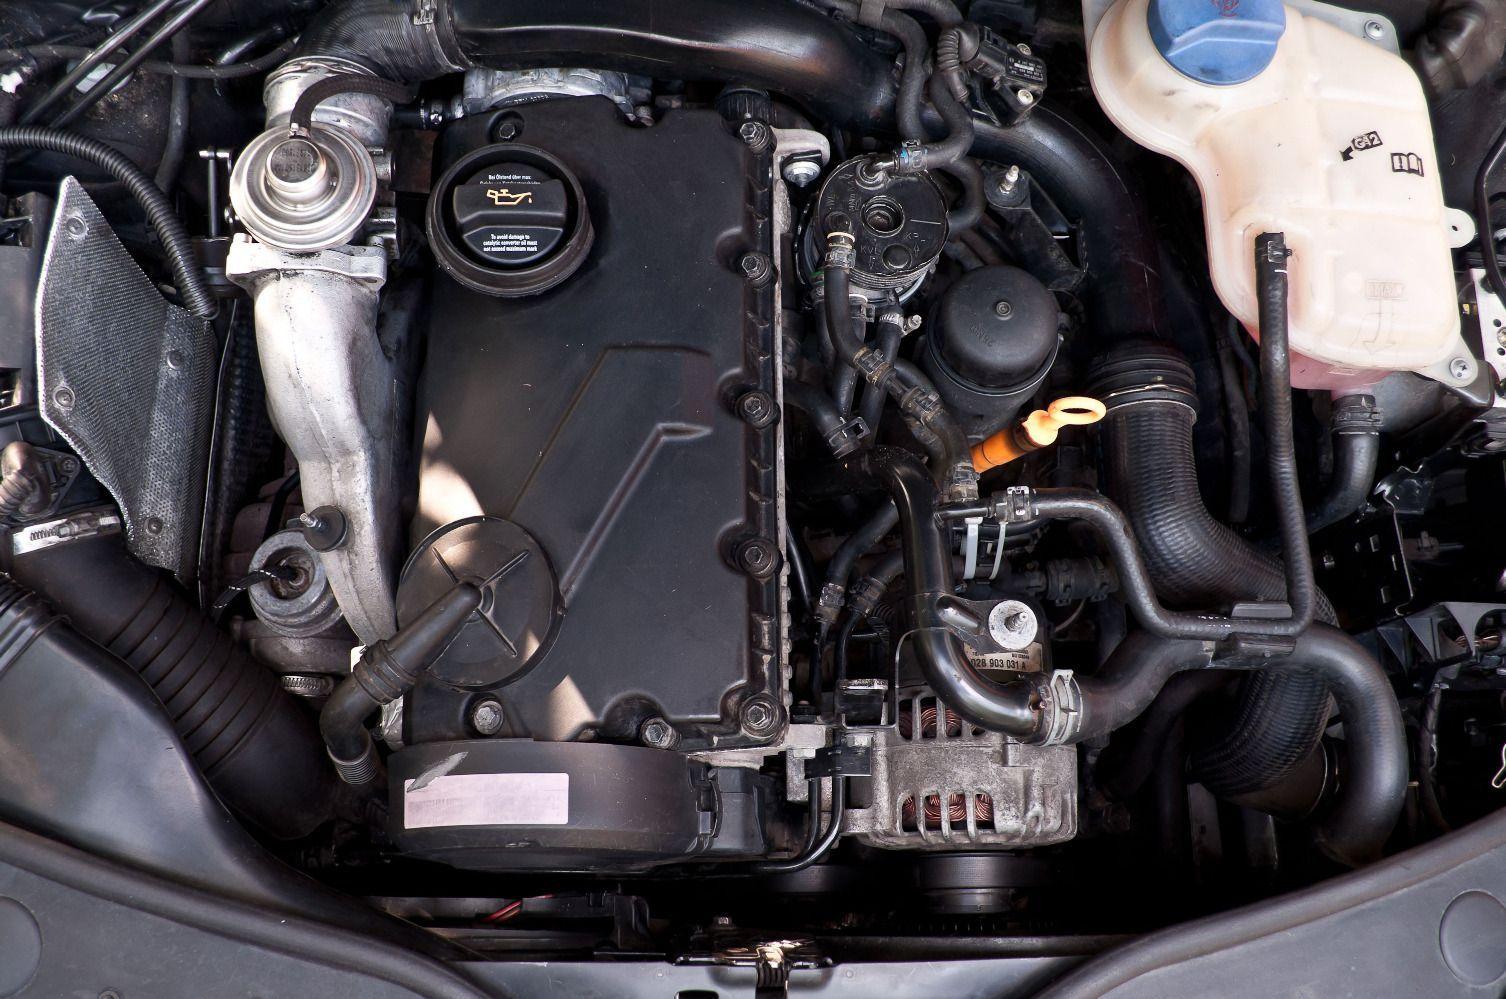 Дизельный двигатель Peugeot 206 не тянет на высоких оборотах